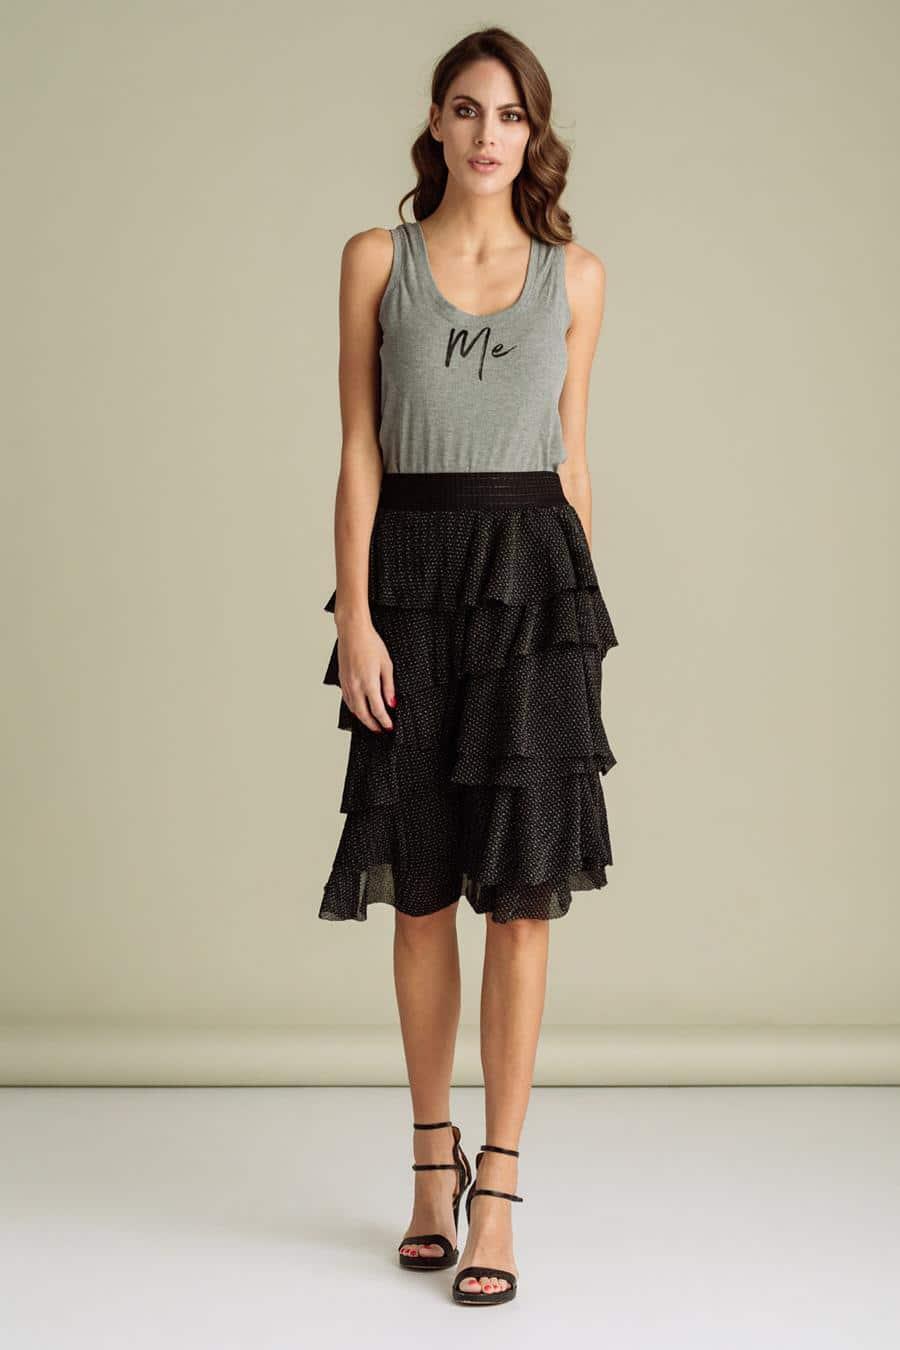 jagger zenska suknja kolekcija prolece leto 2021 ss 2021 kupi online jg 5490 01 1